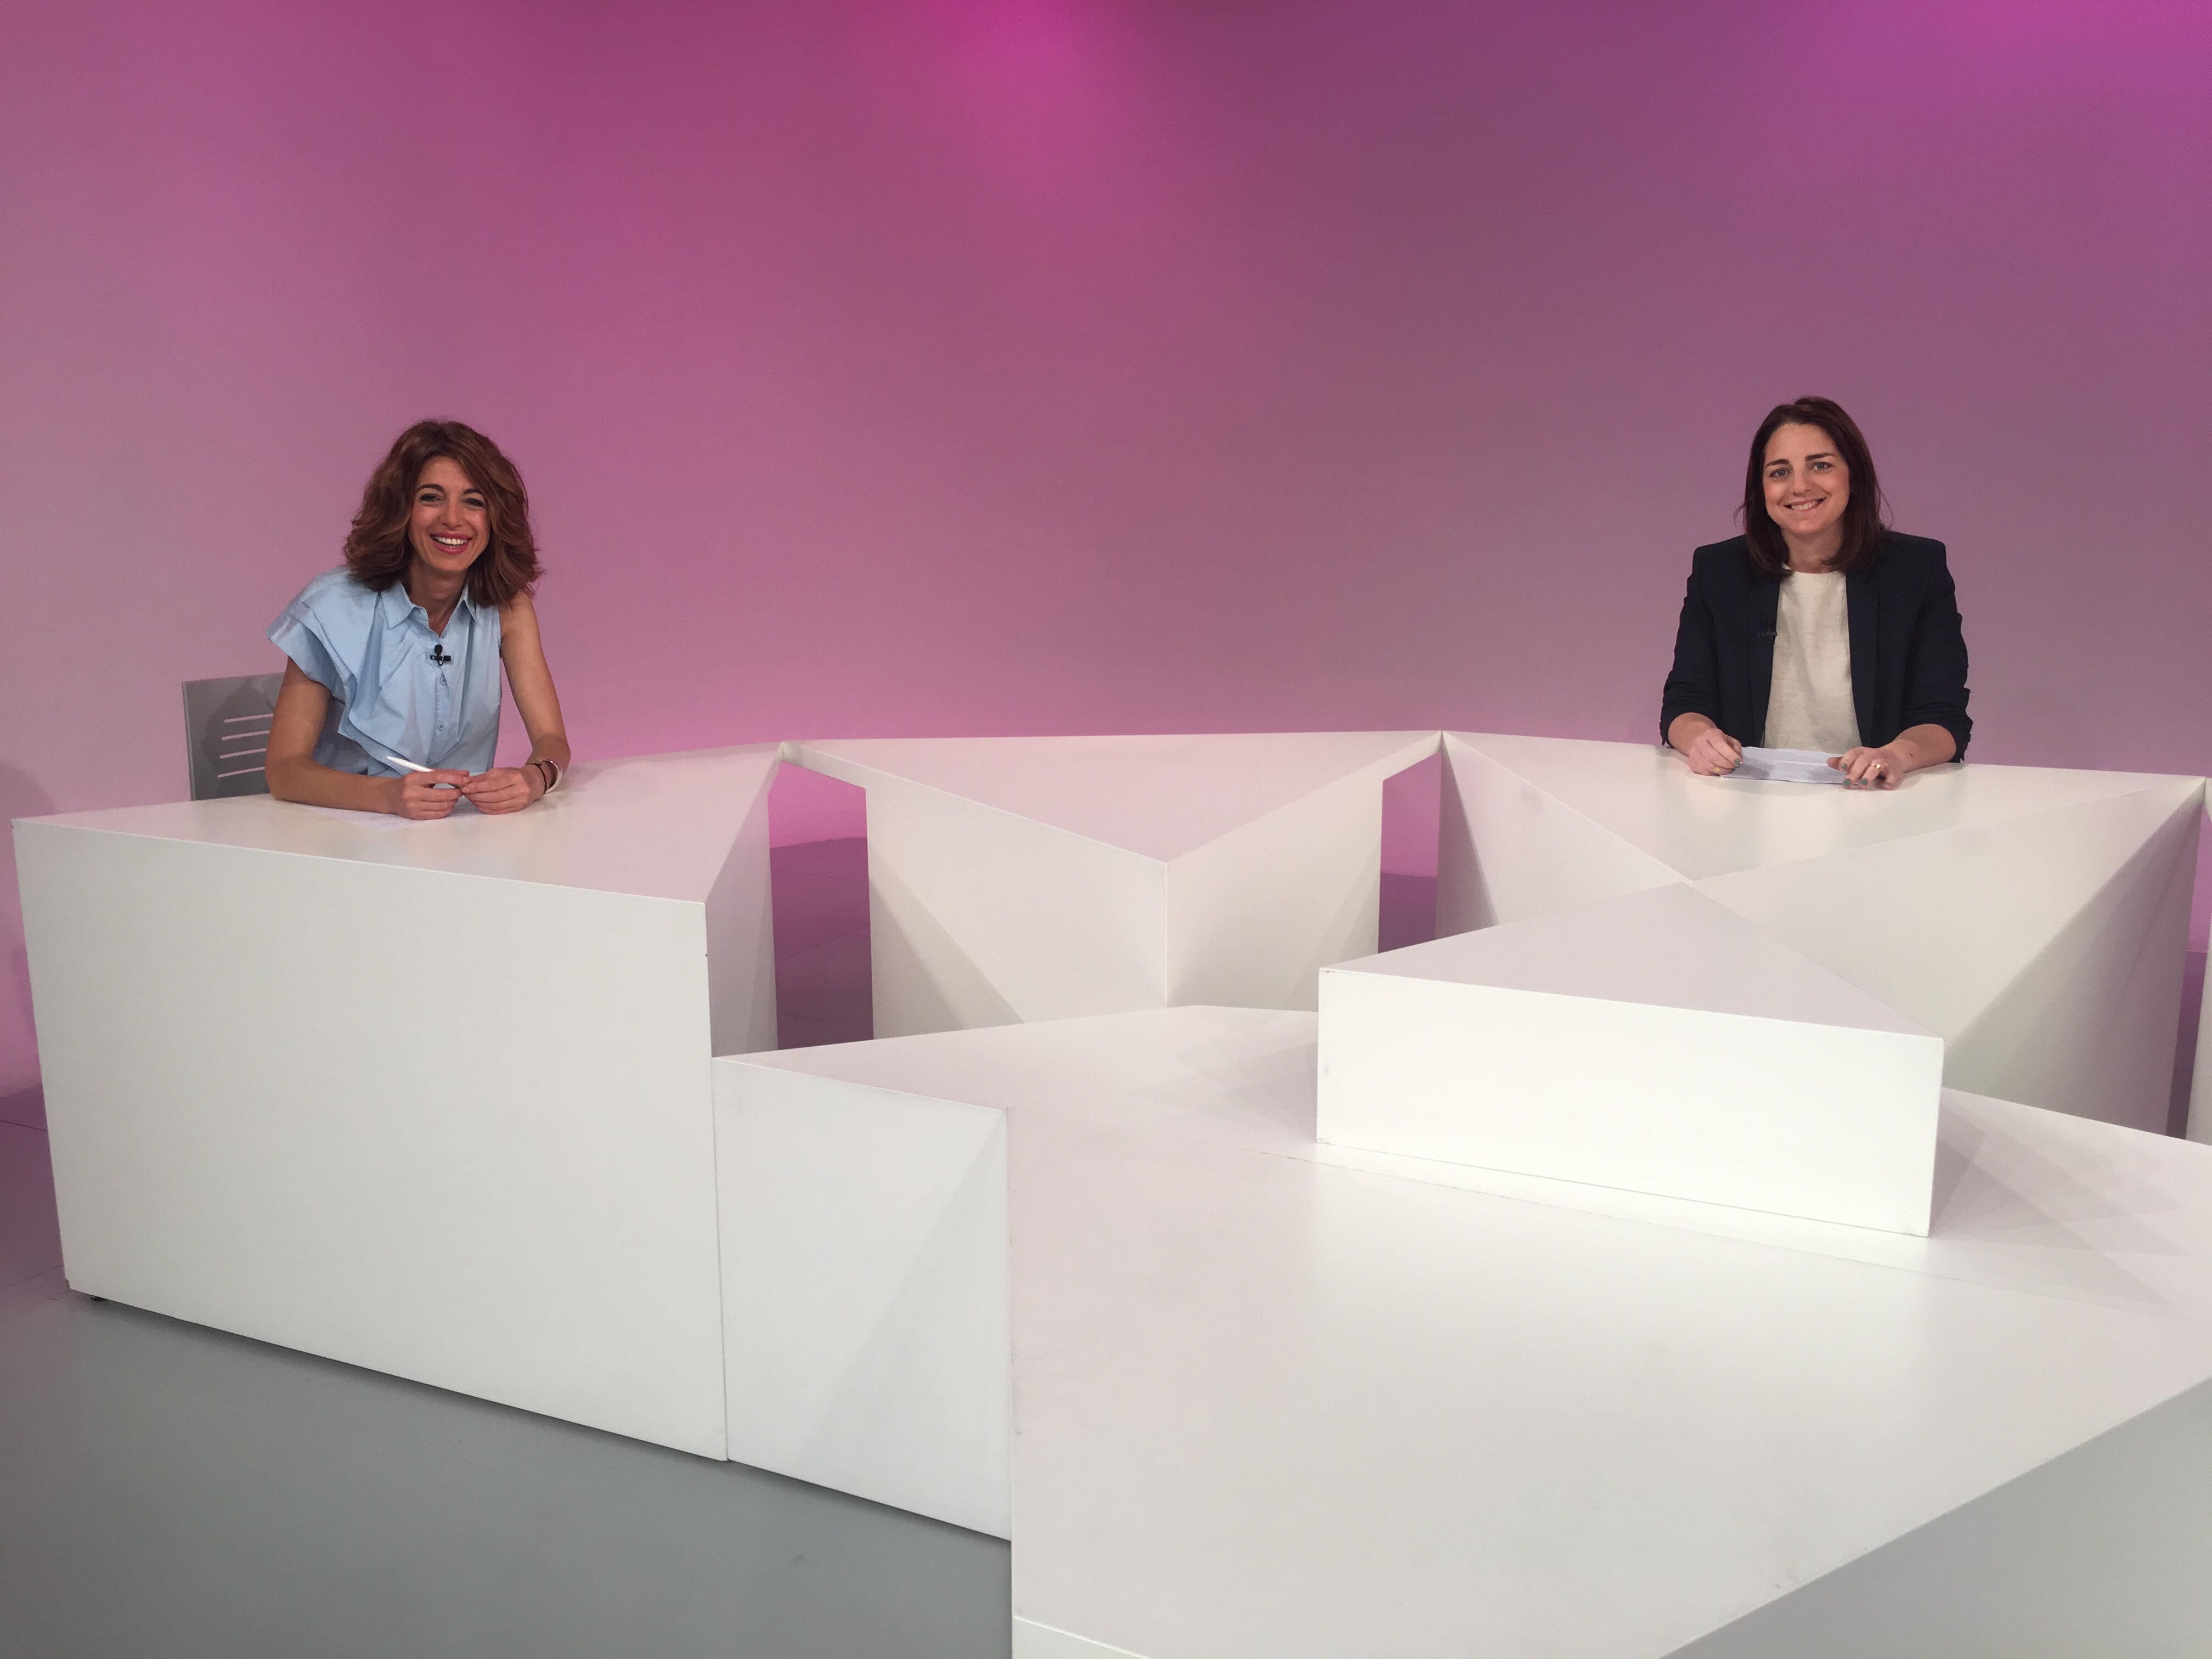 La rotonda 2a part - Entrevista a Cristina Cerqueda